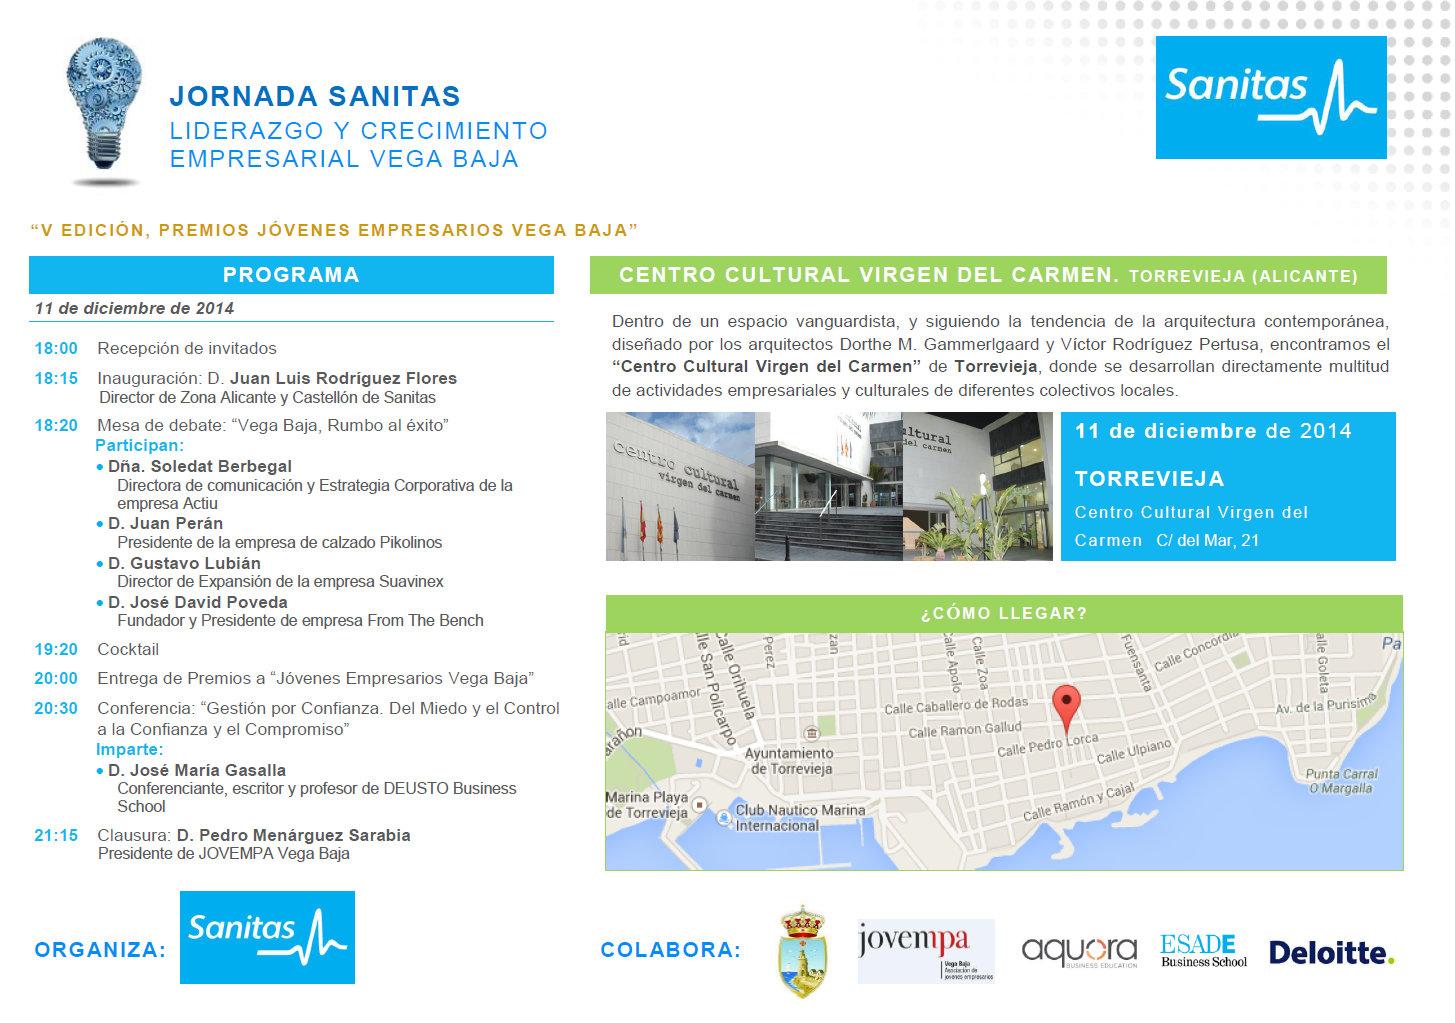 2014-12-11-JORNADA-SANITAS-2